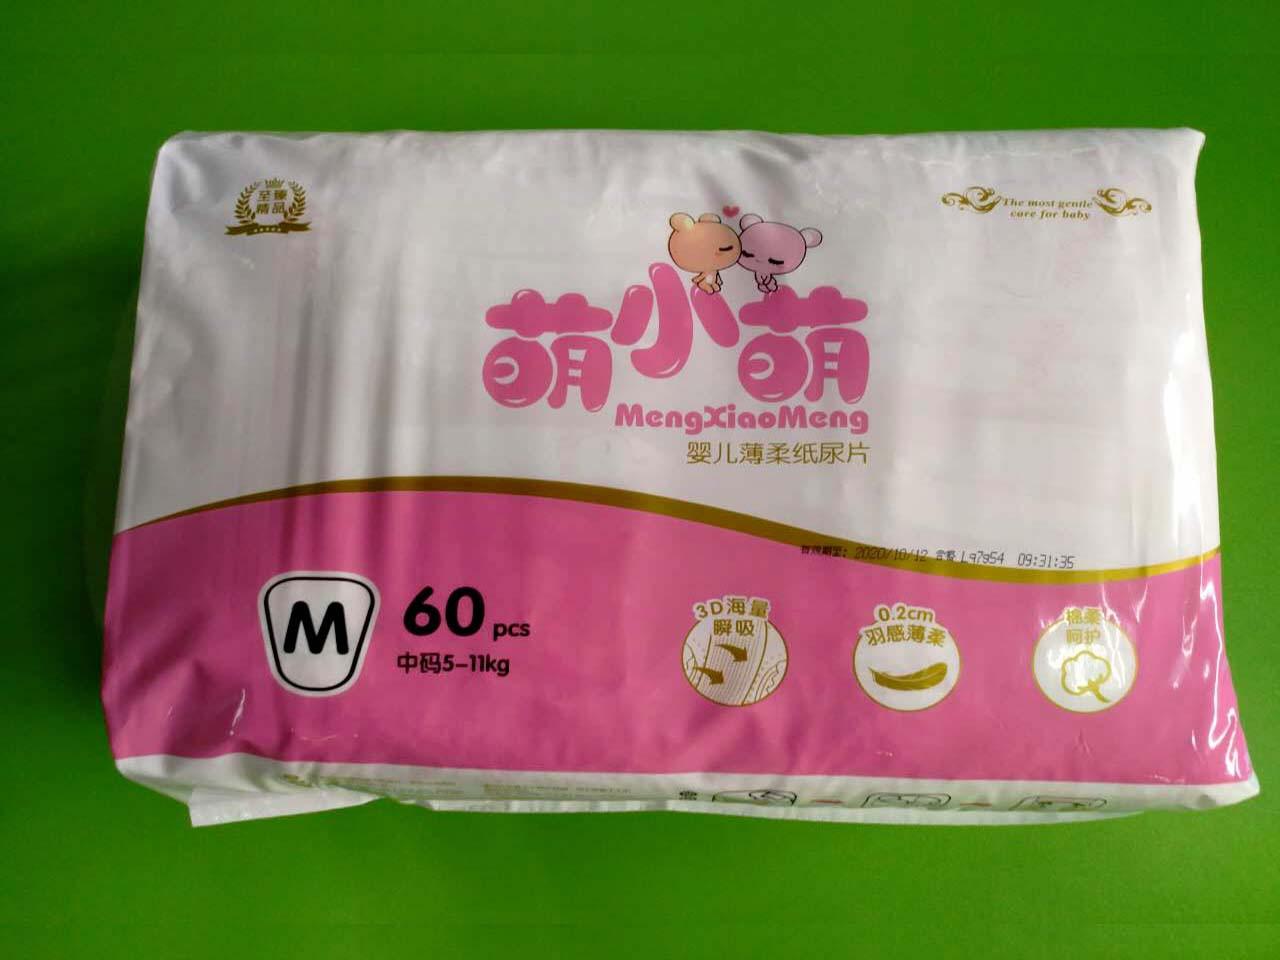 泉州湿纸巾代理找振华卫生用品_湿纸巾代理公司